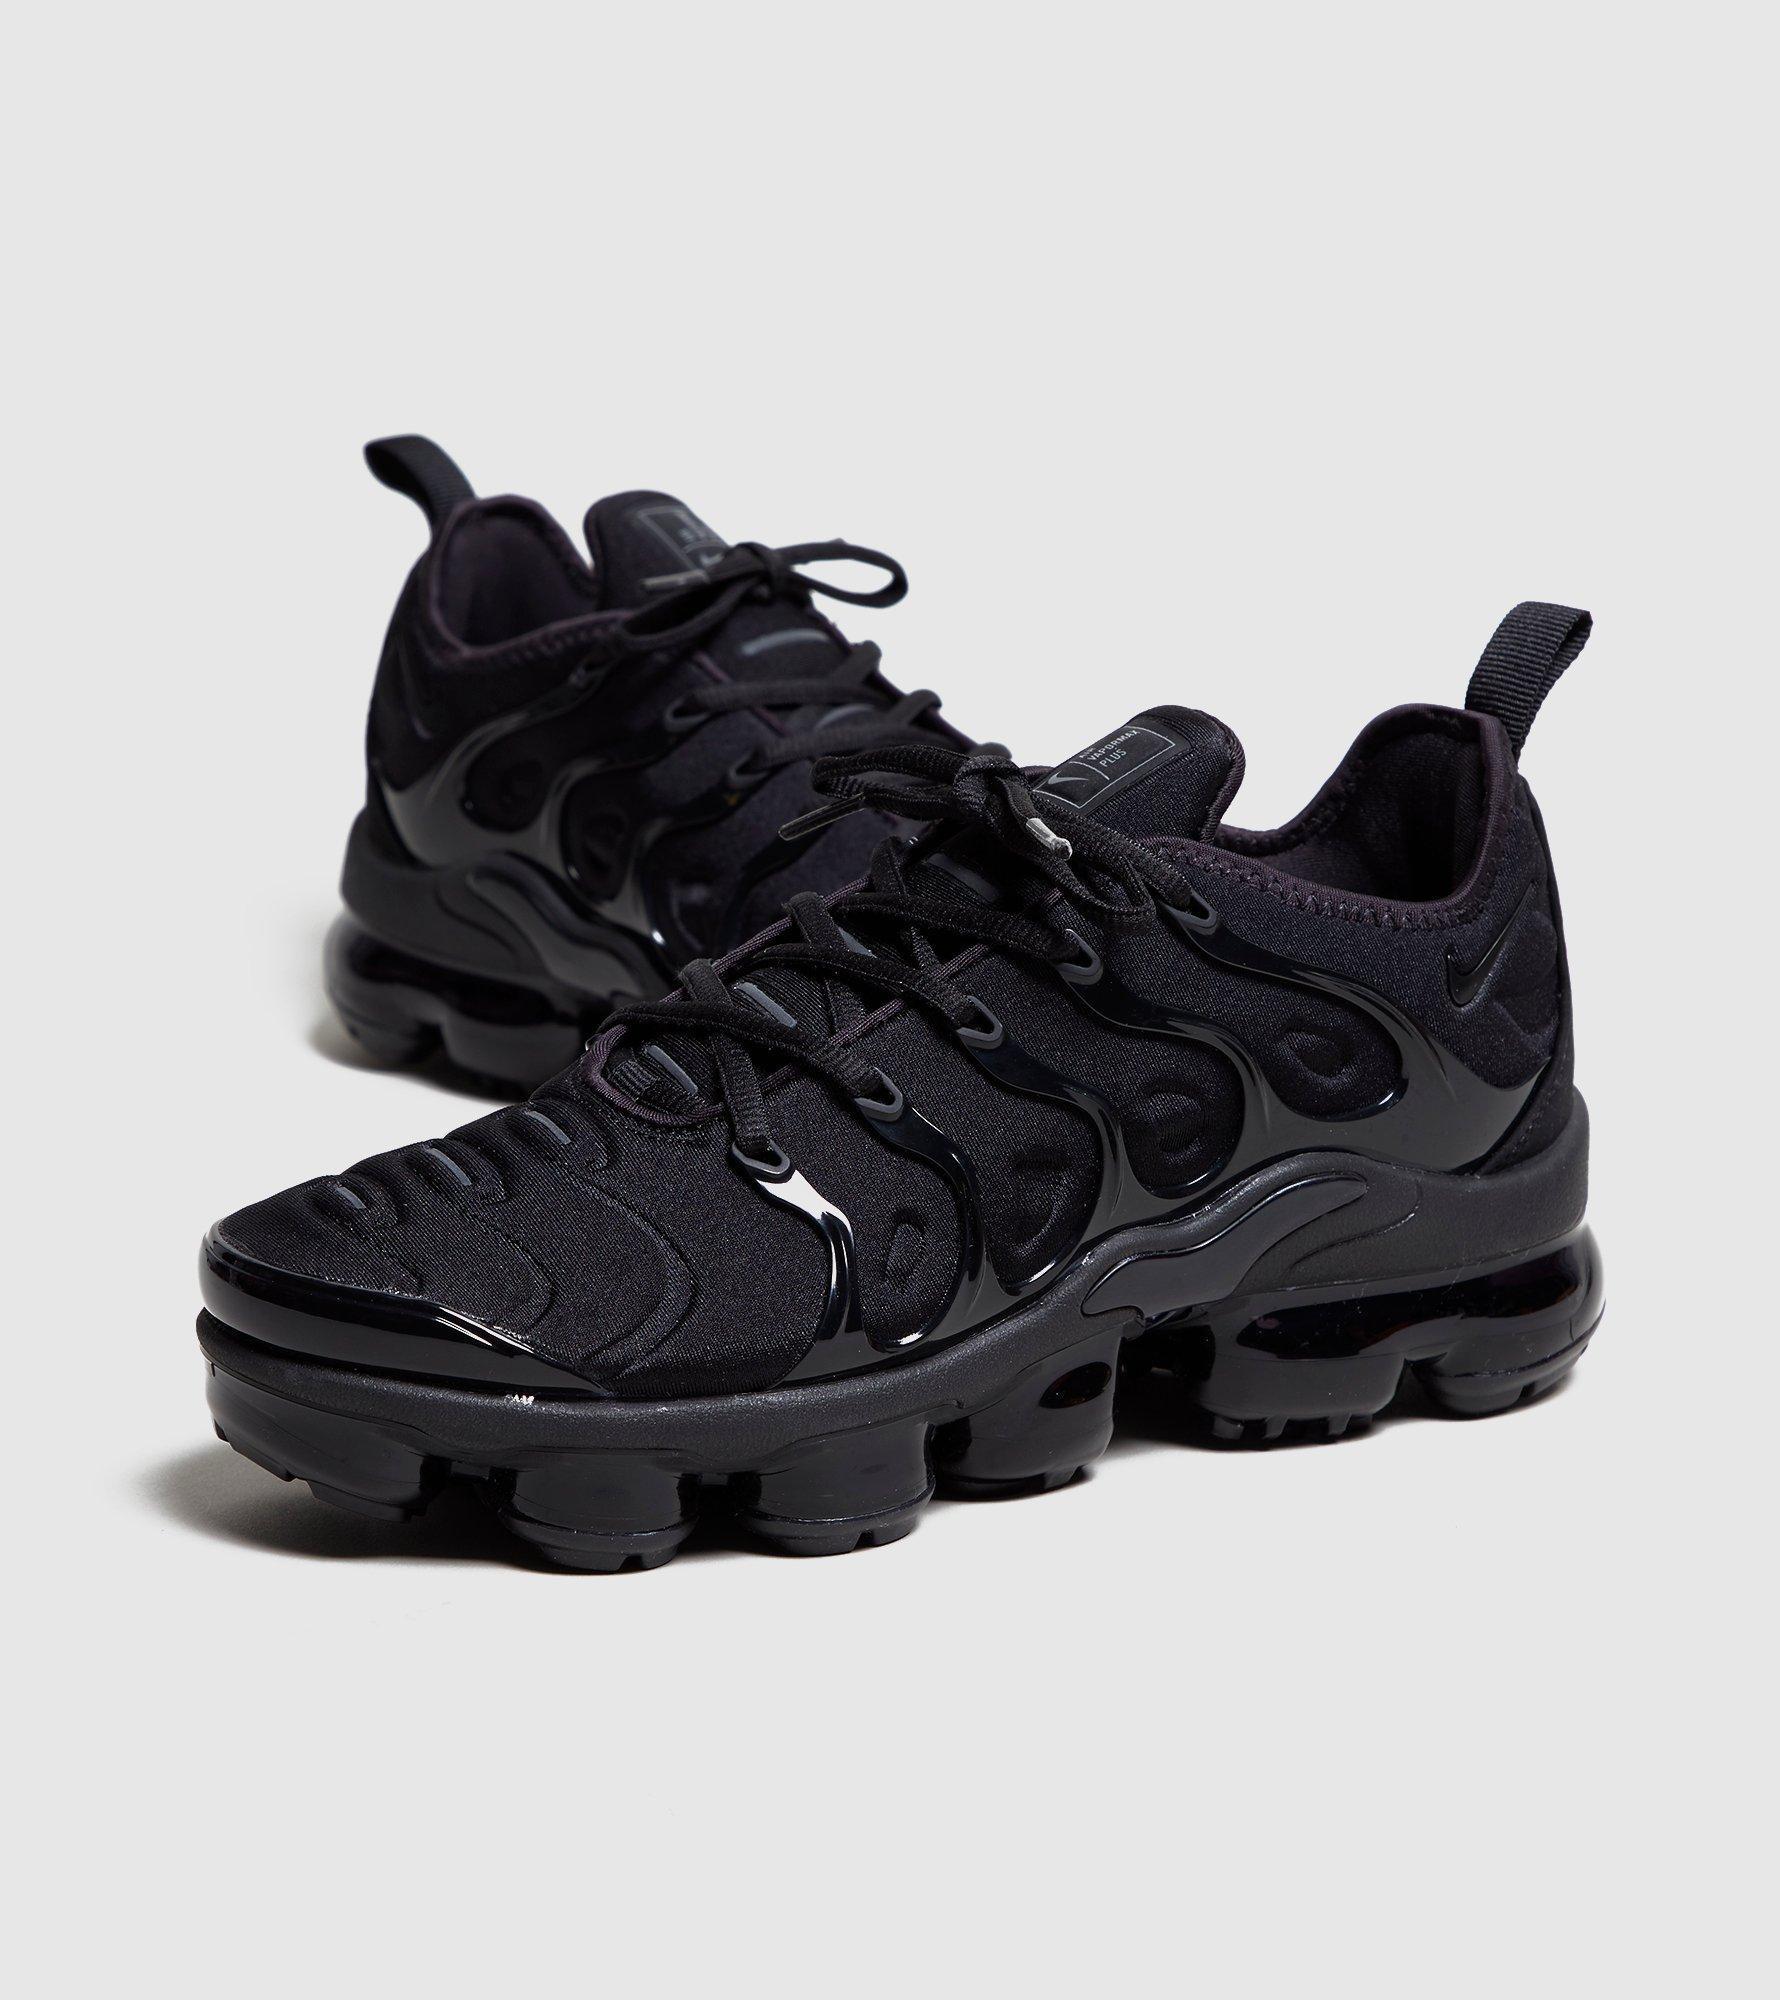 Nike Vapormax Ainsi Triple Femmes Blanches Combinaison jeu avec paypal pas cher professionnel livraison gratuite vente Footaction Acheter pas cher 6EEZa3Hv9n